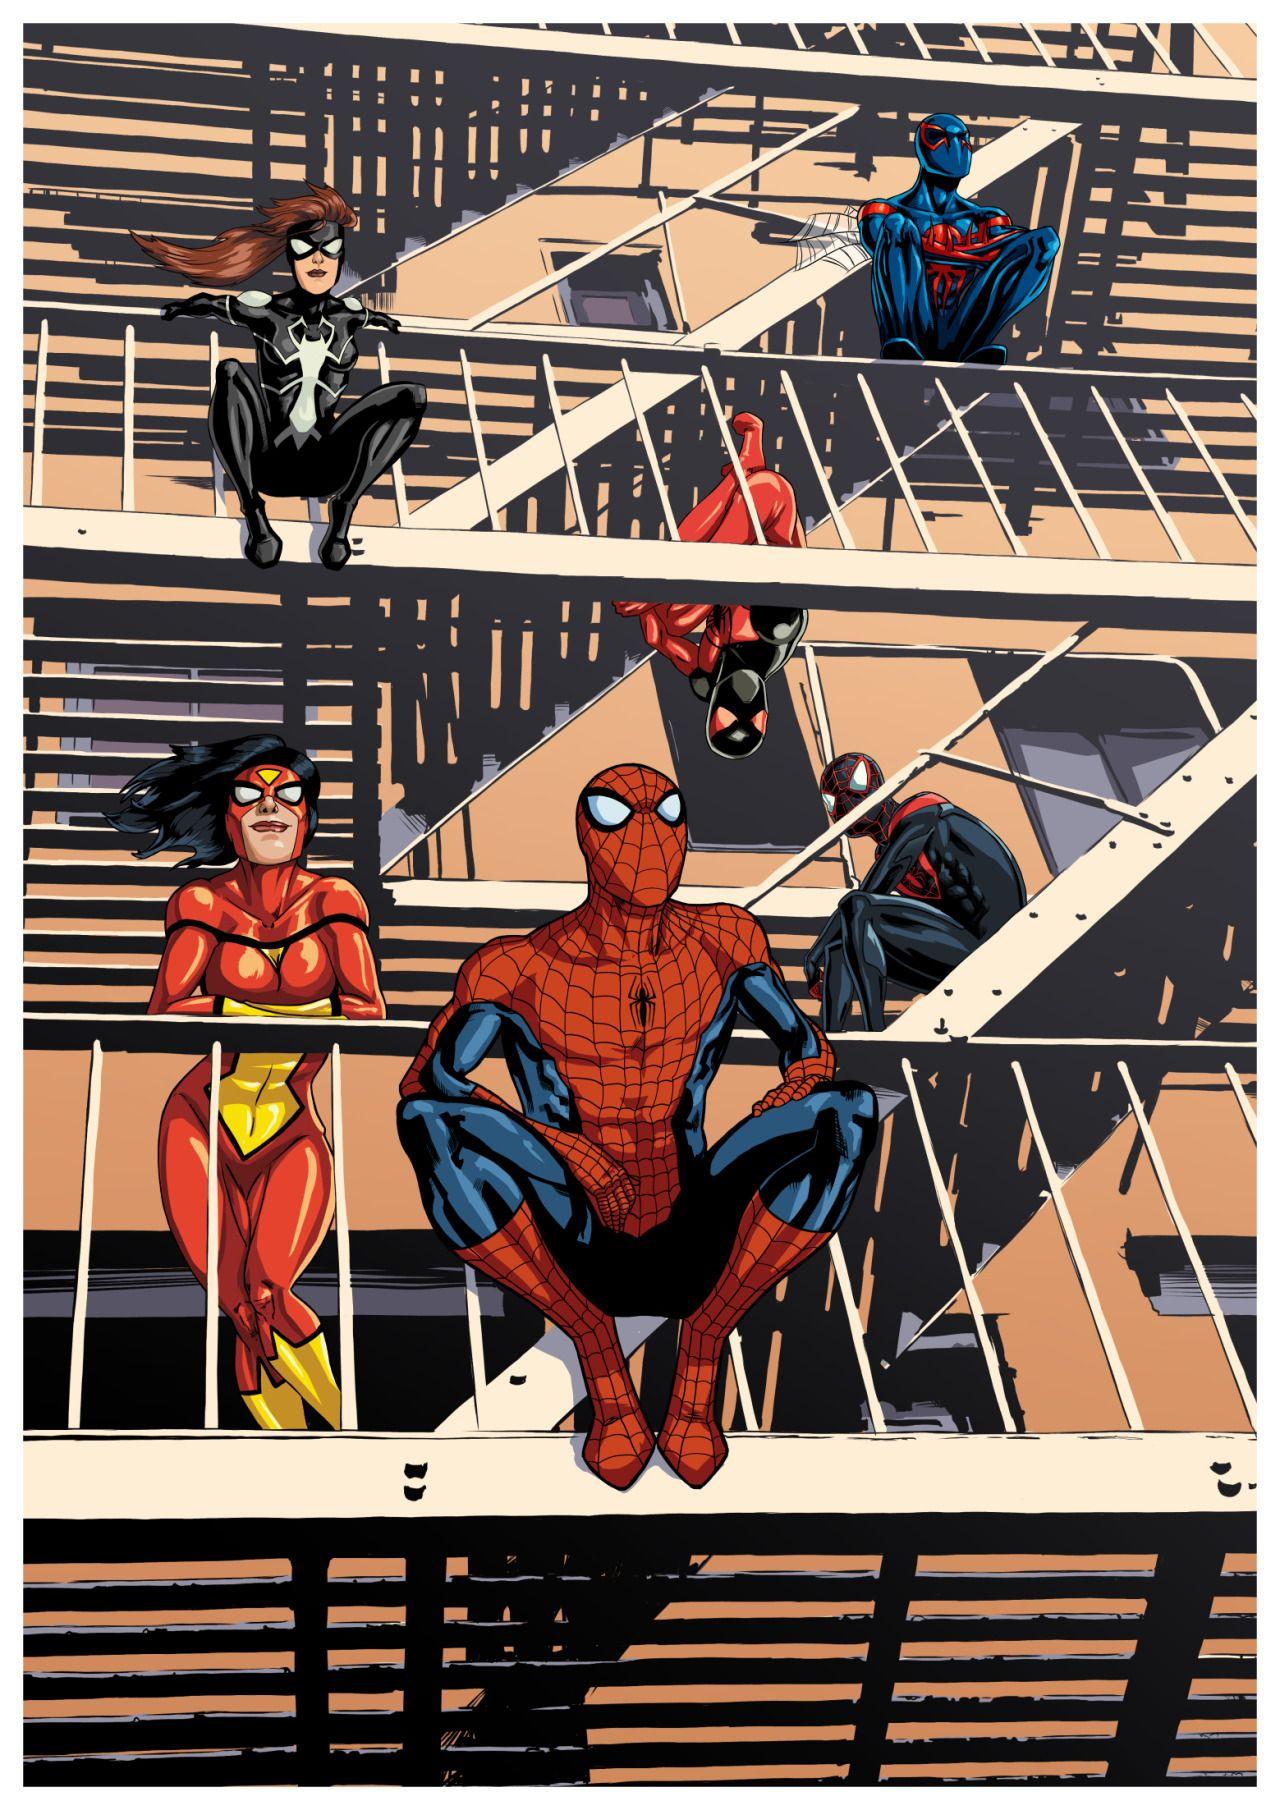 Spiderman Fan Art Spider Family Spider Man Spider Woman Ultimate Spider Man Arachne Spider Girl The Scarlet Sp Spider Woman Marvel Spiderman Spiderman